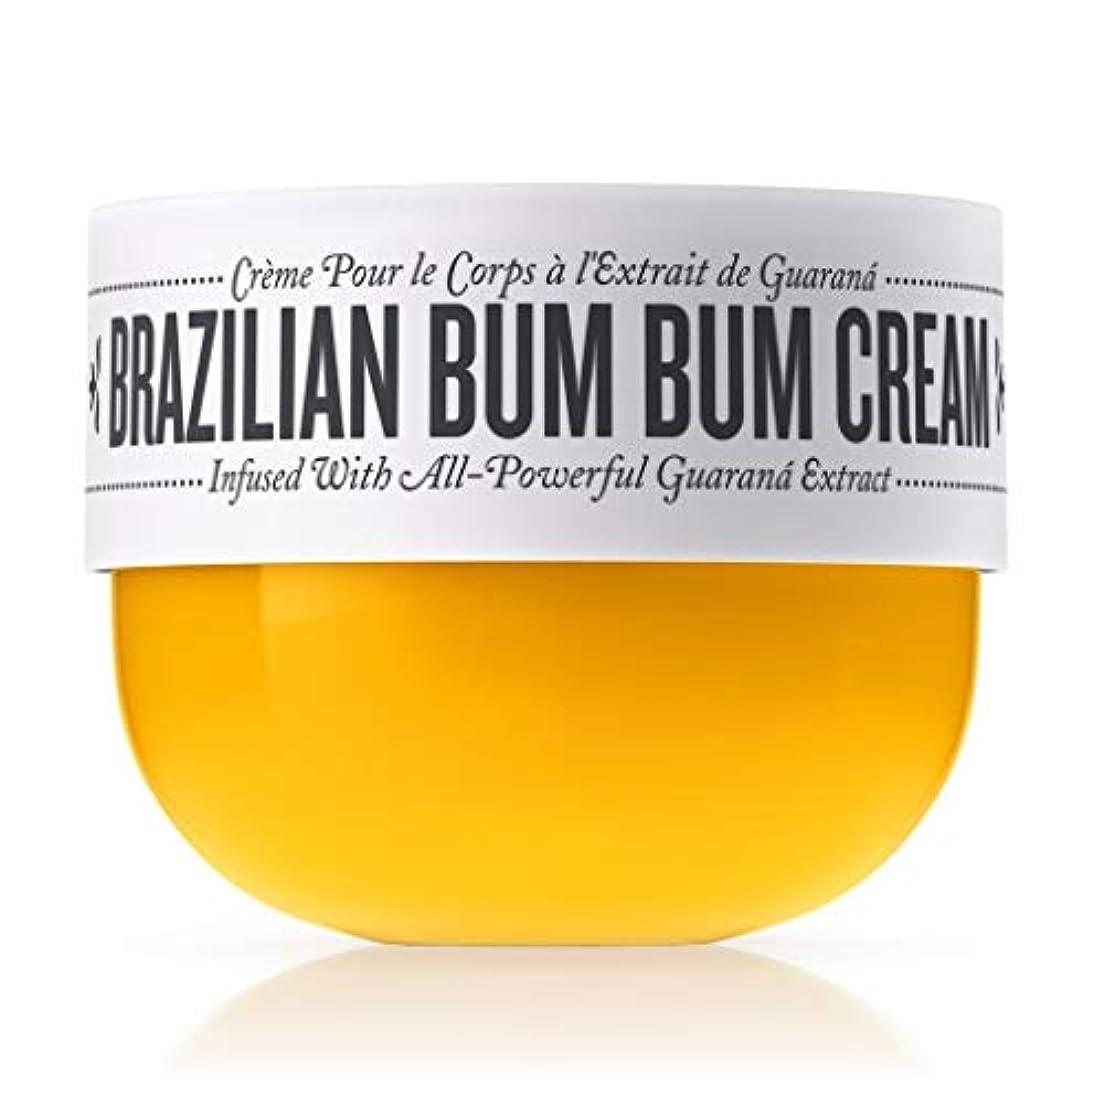 ひねり姿勢アブストラクトBrazilian BUM BUM Cream 25ml トライアルサイズ【並行輸入品】